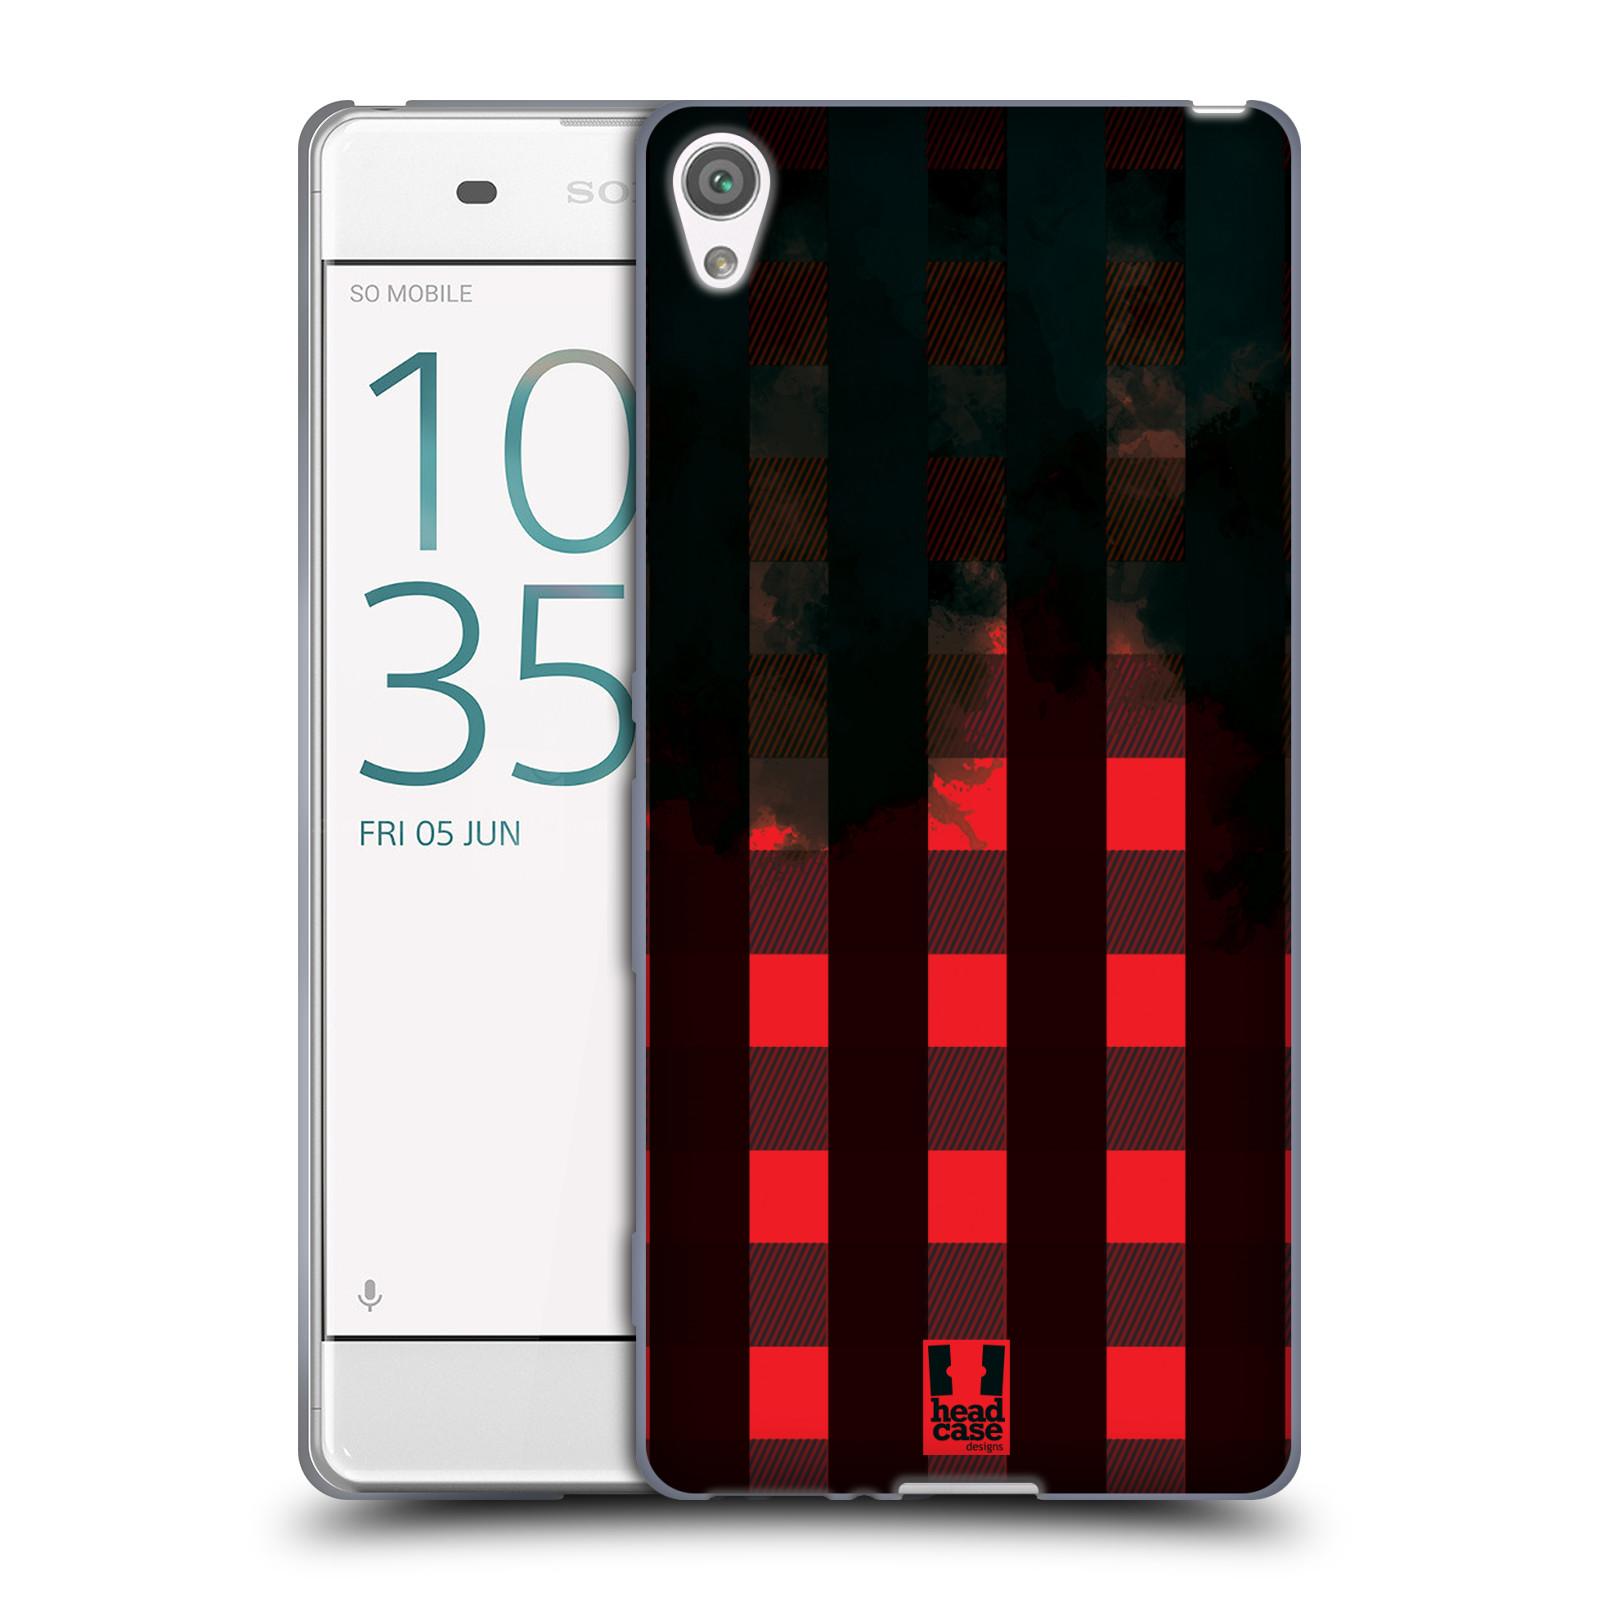 Silikonové pouzdro na mobil Sony Xperia XA HEAD CASE FLANEL RED BLACK (Silikonový kryt či obal na mobilní telefon Sony Xperia XA F3111 / Dual SIM F3112)